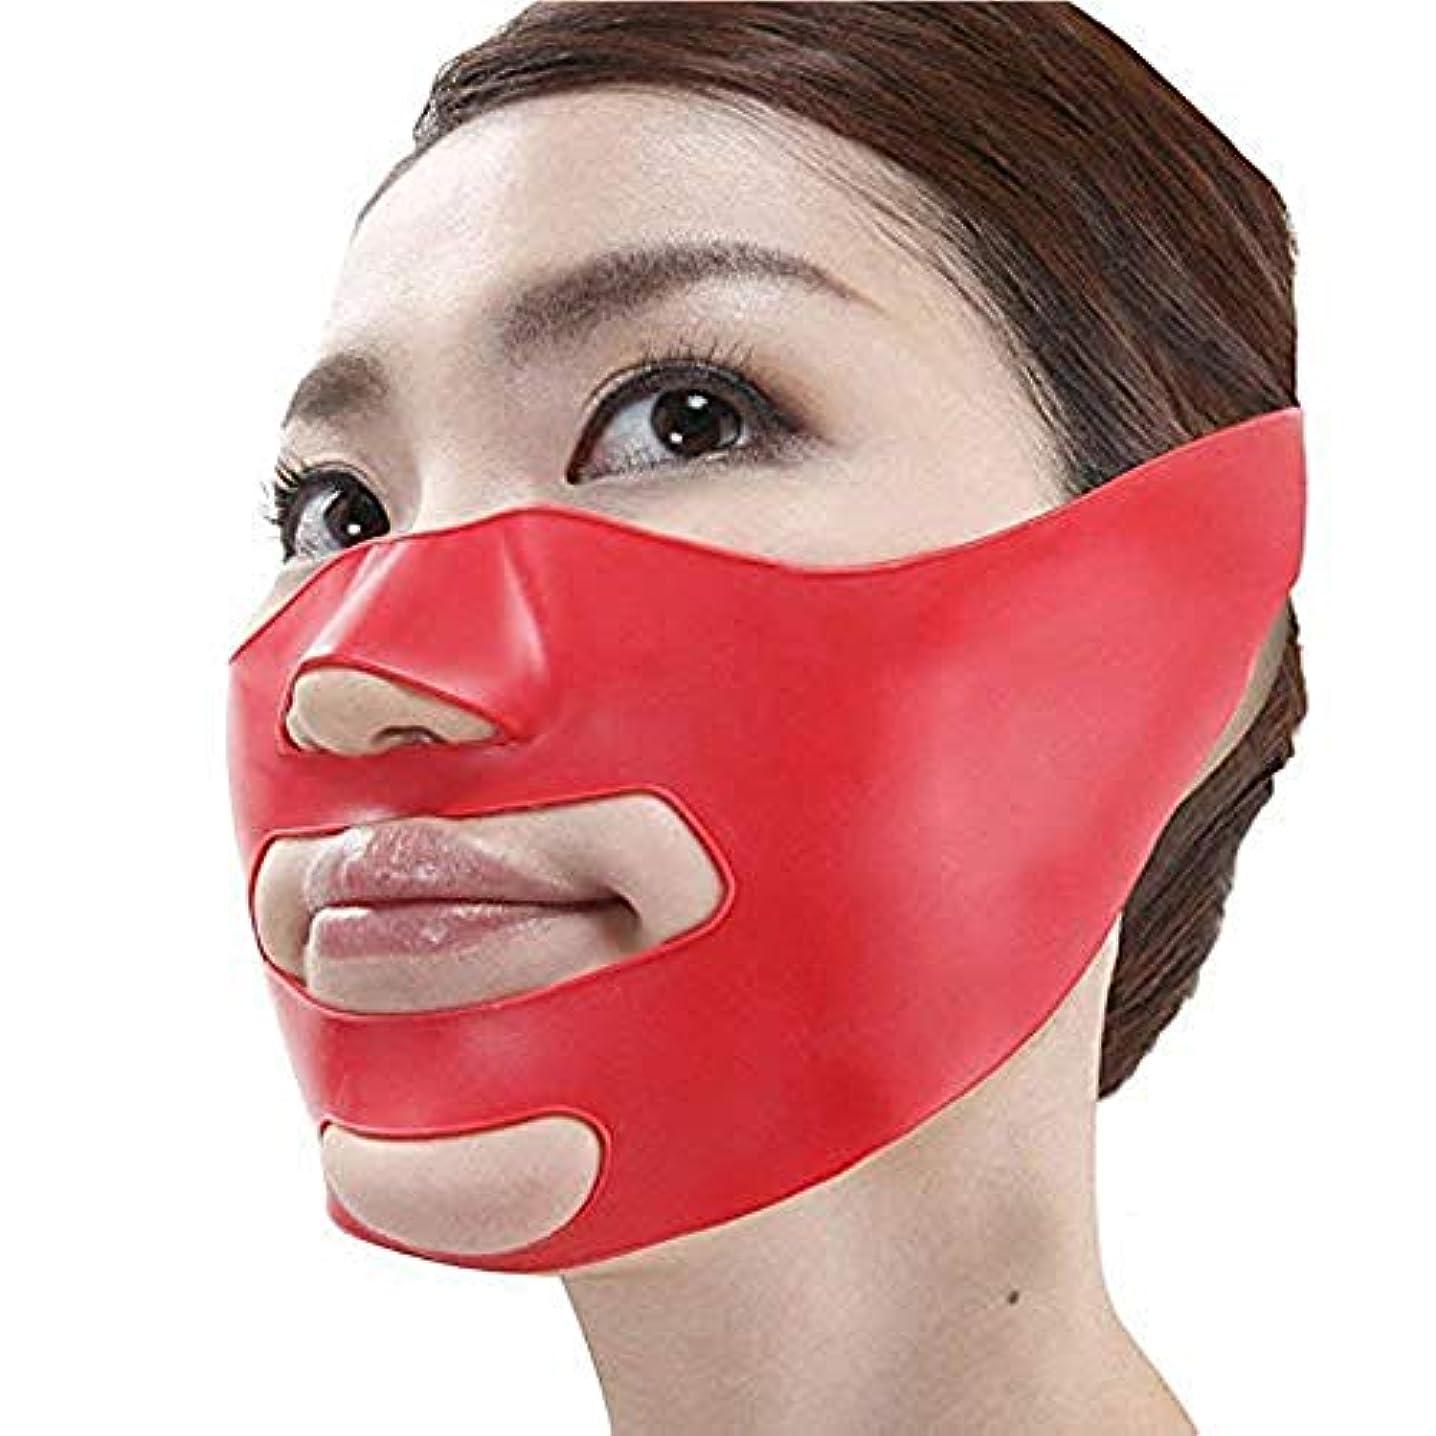 インシュレータオズワルドチャールズキージングLindexs 小顔矯正 マスク 小顔補正ベルト ほうれい線 3Dエクササイズマスク リフトスリムマスク 抗シワ サウナマスク 法令線予防 美容グッ (フリーサイズ)